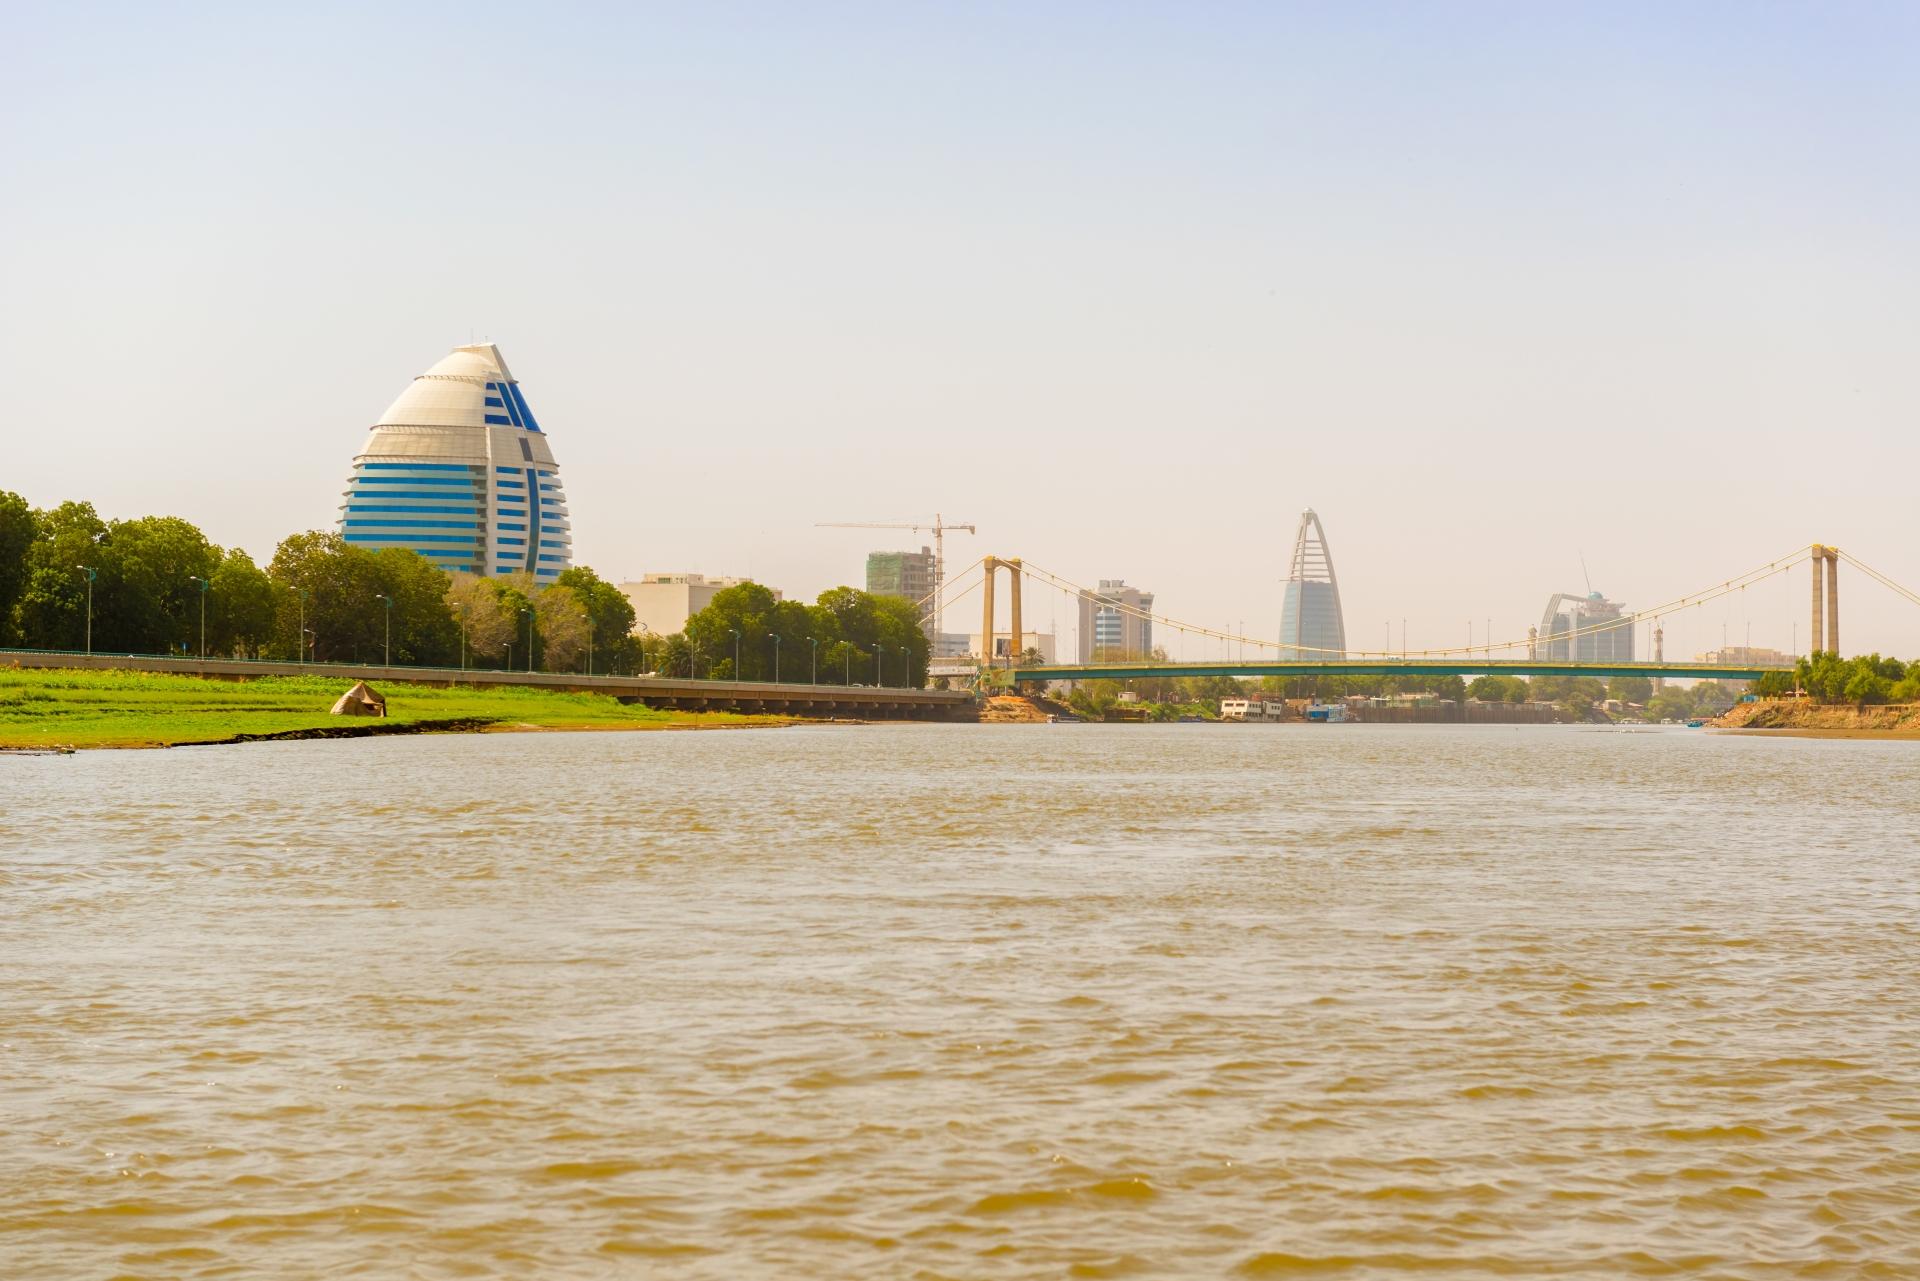 Khartum, Sudan